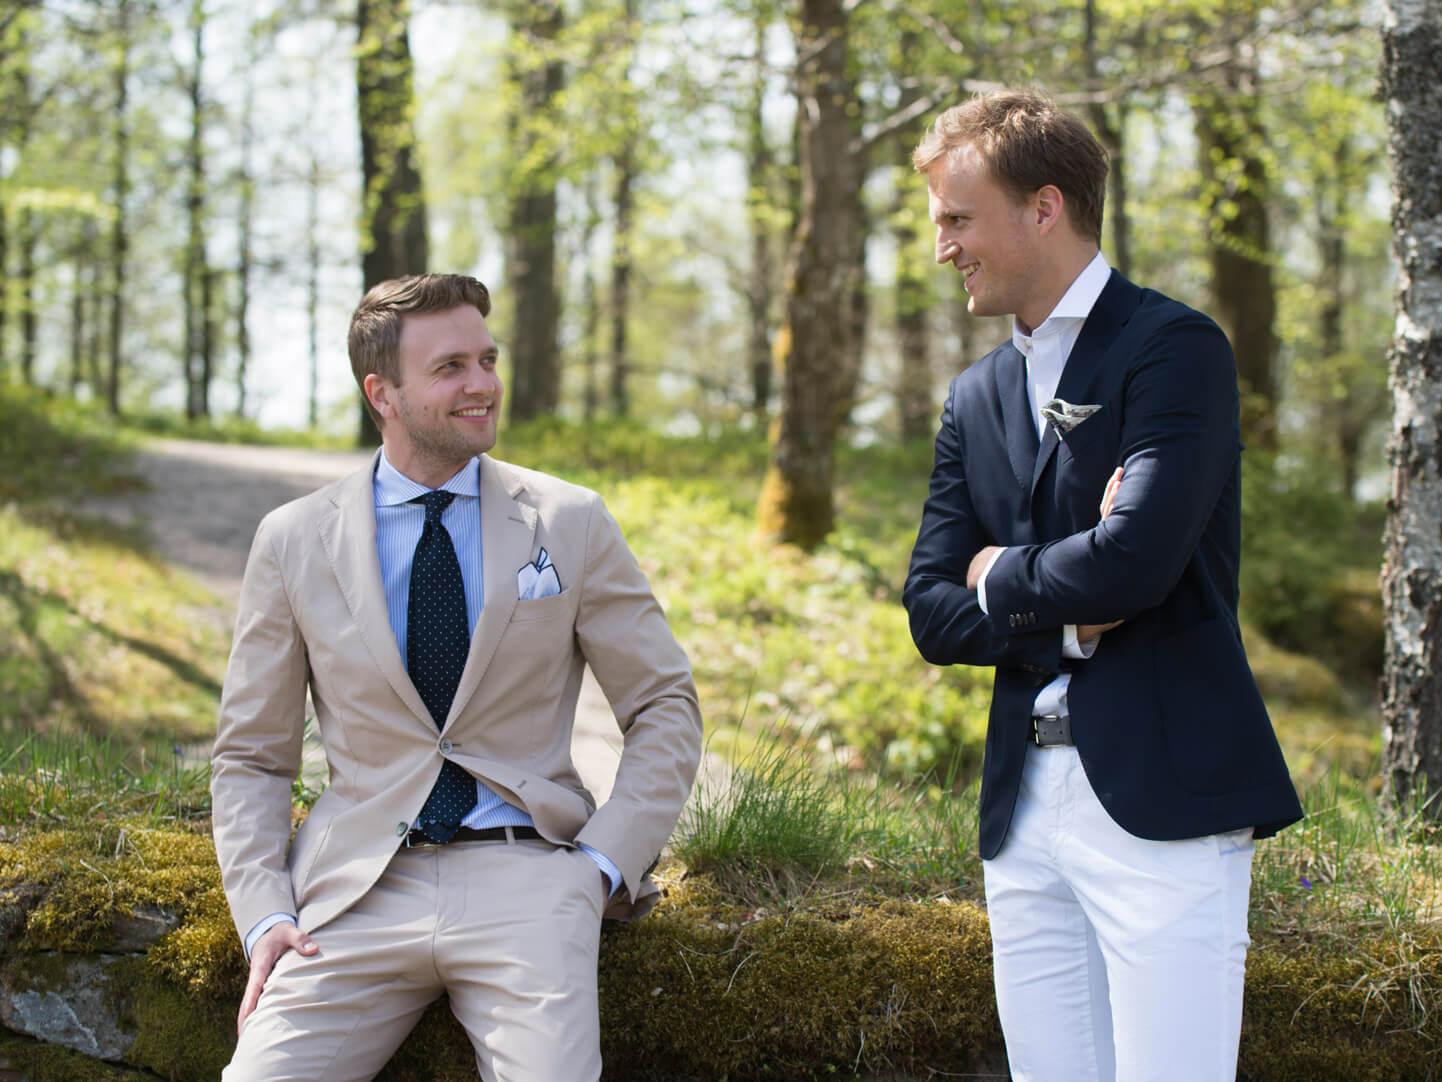 decf5212f123 Hur ska man klä sig på ett bröllop? | CareOfCarl.com